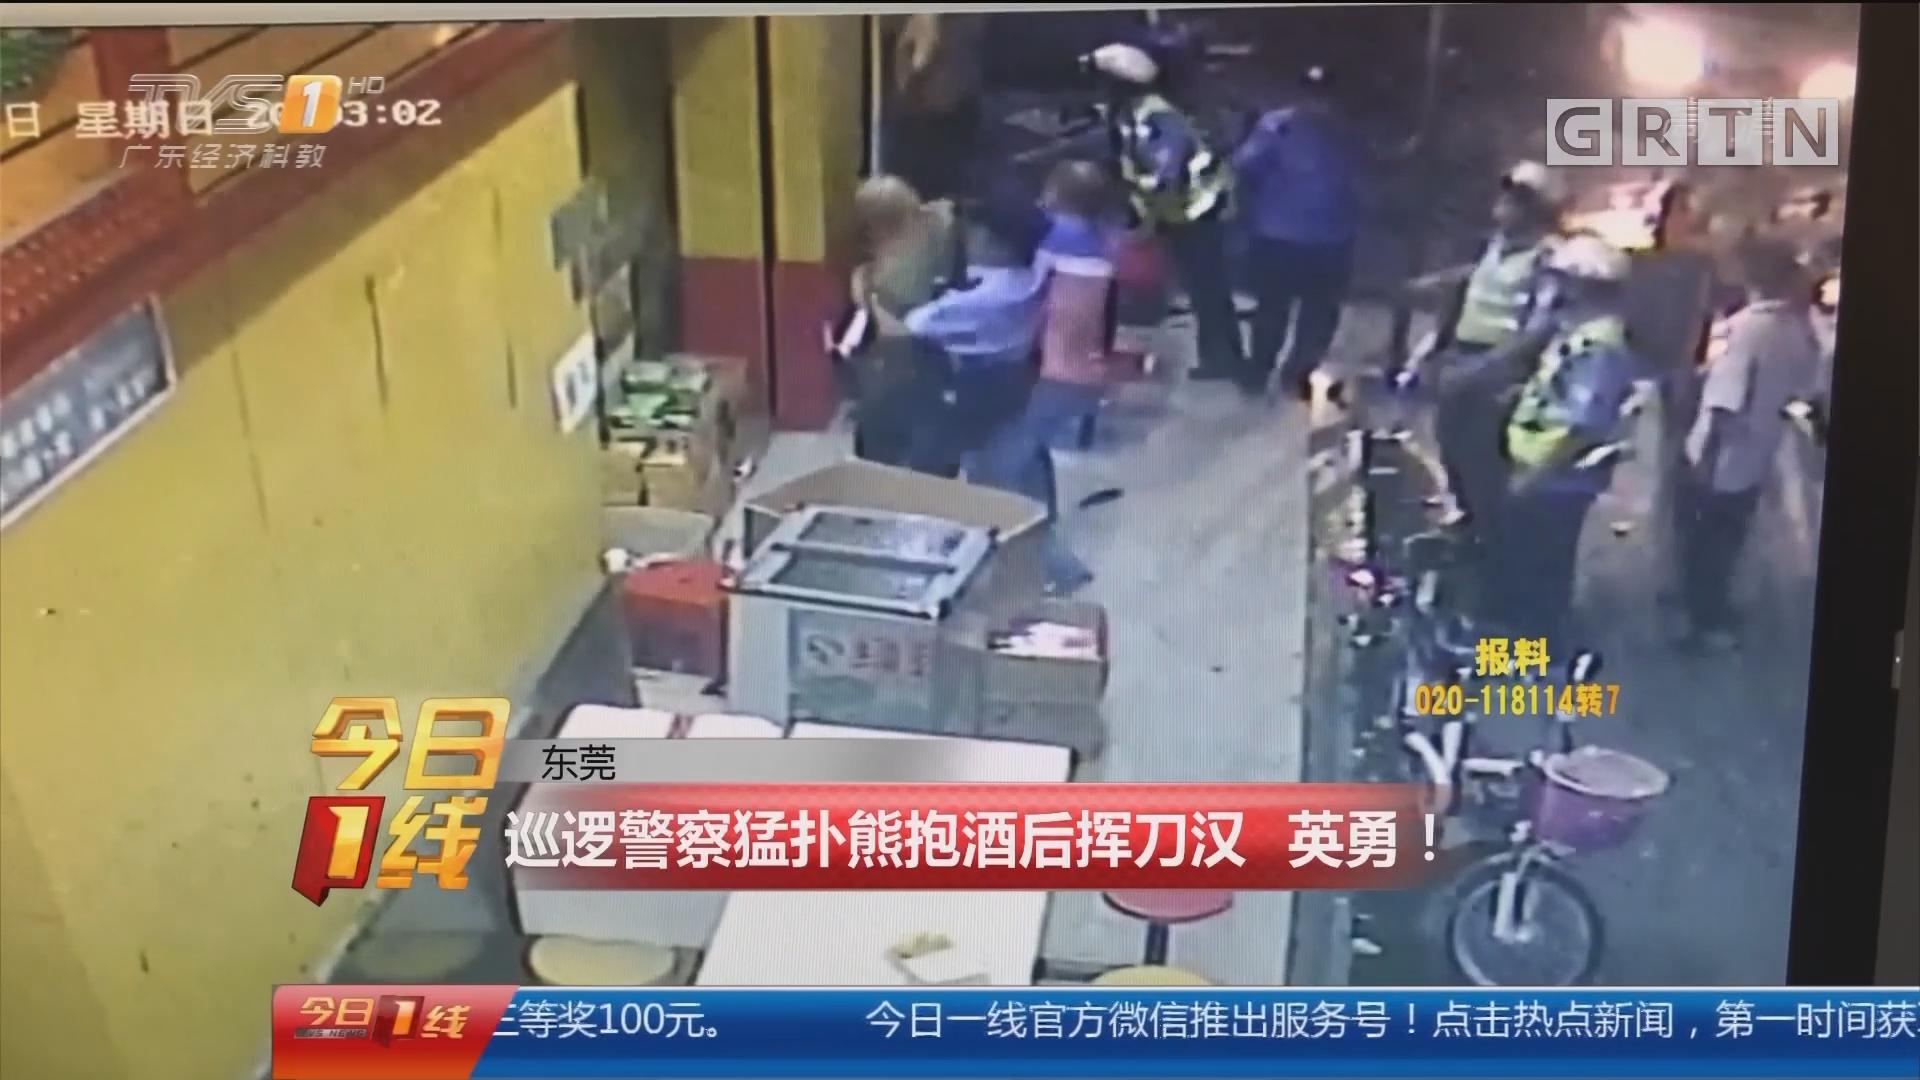 东莞:巡逻警察猛扑熊抱酒后挥刀汉 英勇!